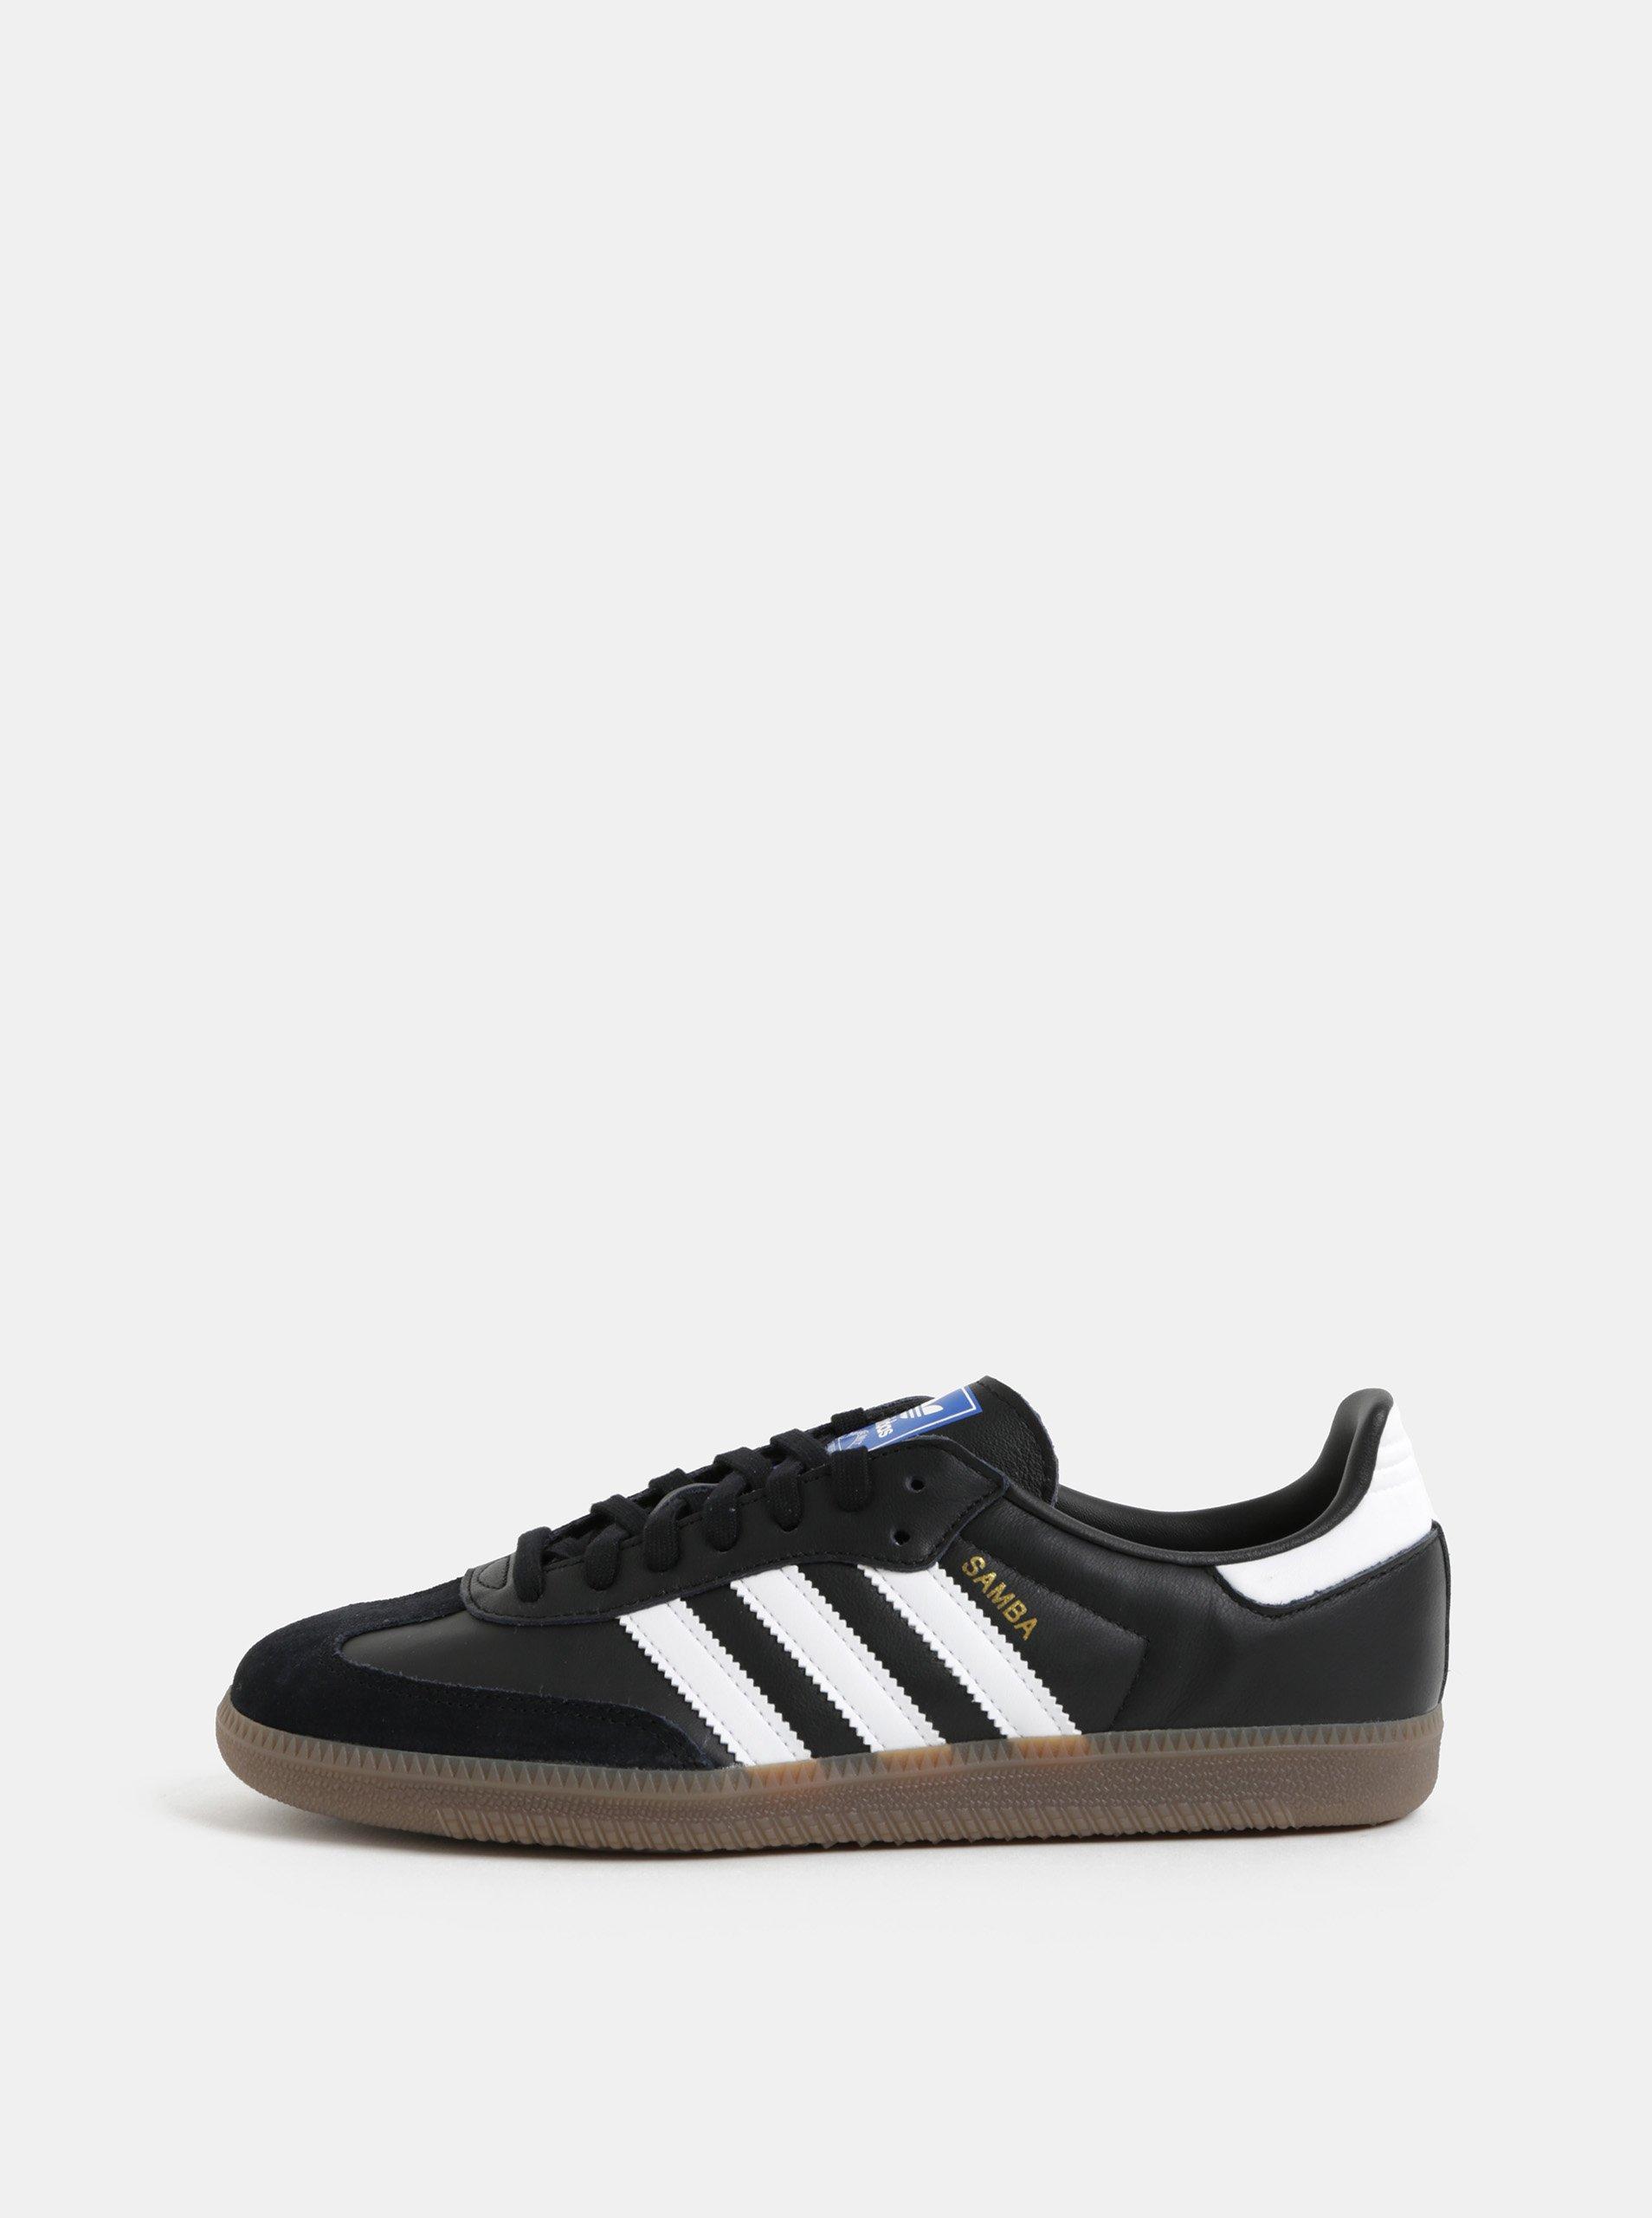 Čierne pánske kožené tenisky adidas Originals Samba. Čierne pánske kožené tenisky  adidas Originals Samba. Čierne pánske kožené tenisky ... 45340811bc0